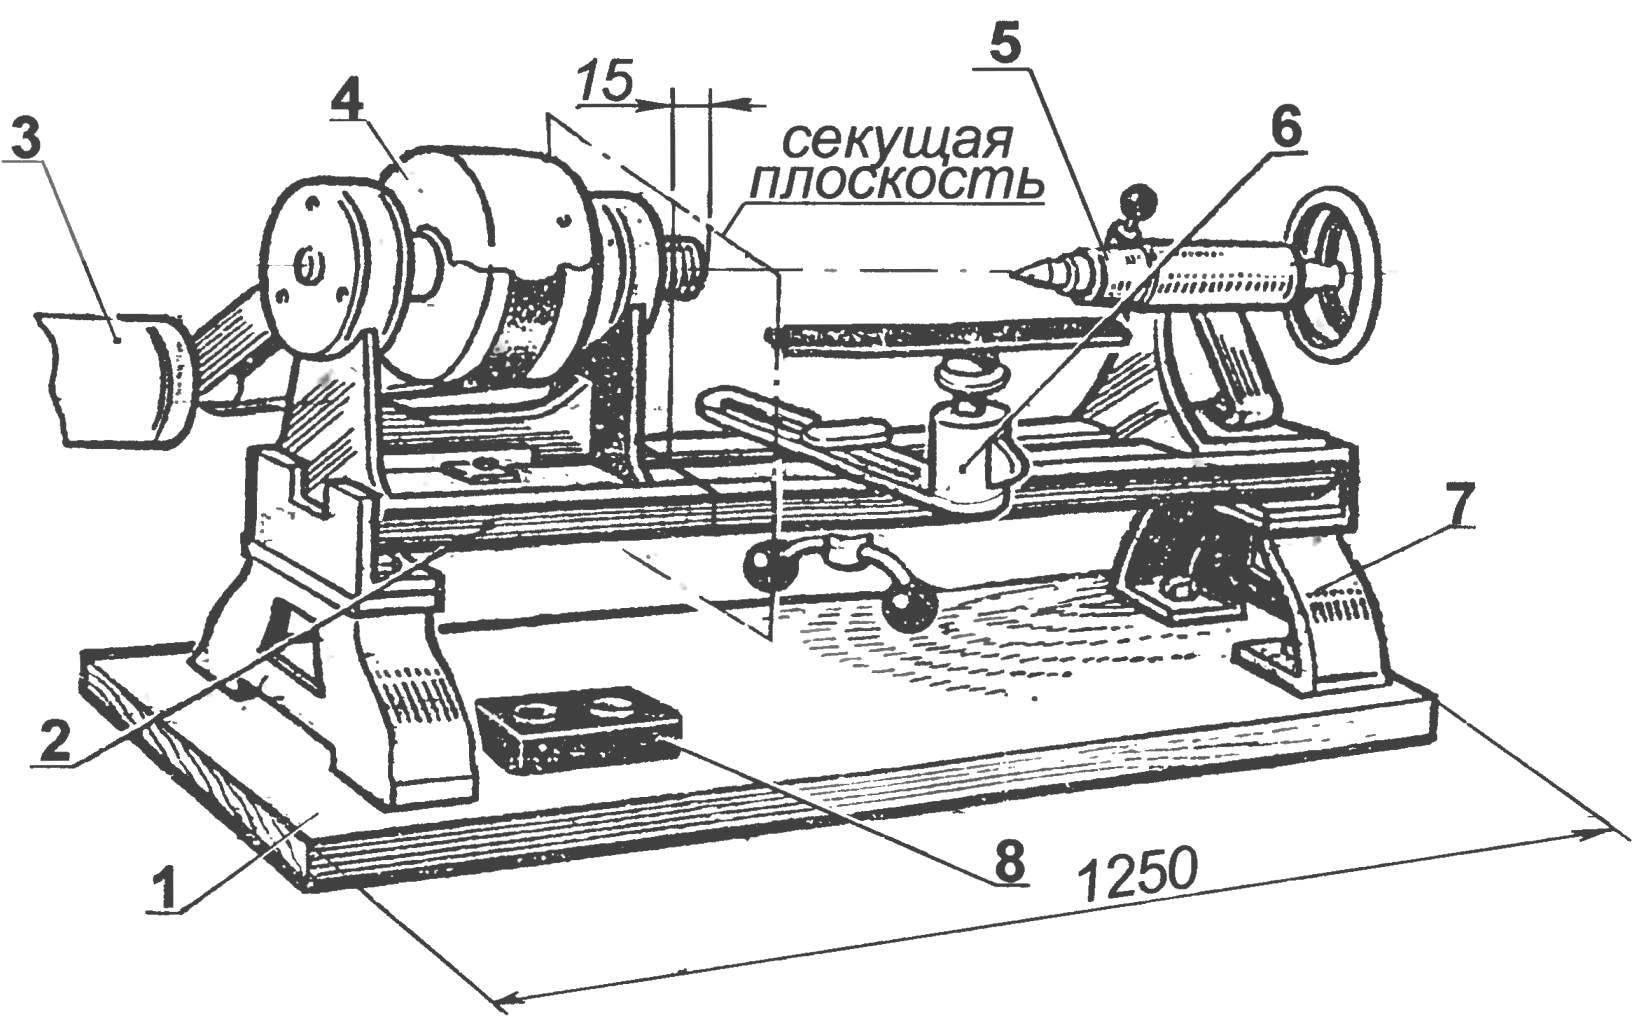 Деревообрабатывающий токарный станок СТД-120